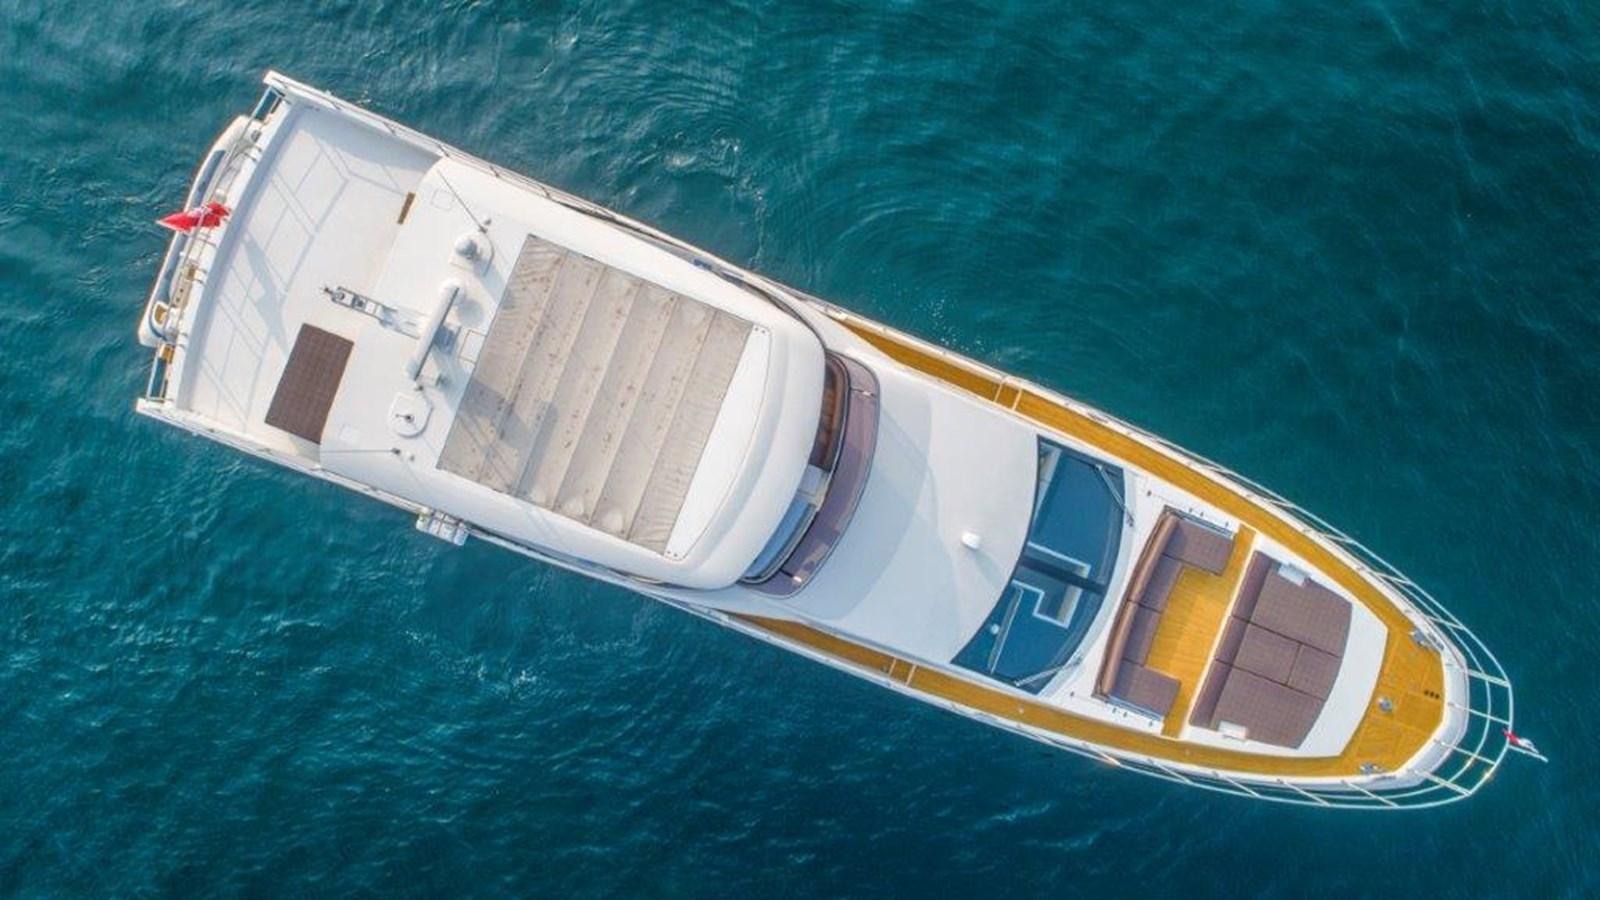 DJI_0420 2015 AZIMUT  Motor Yacht 2838235